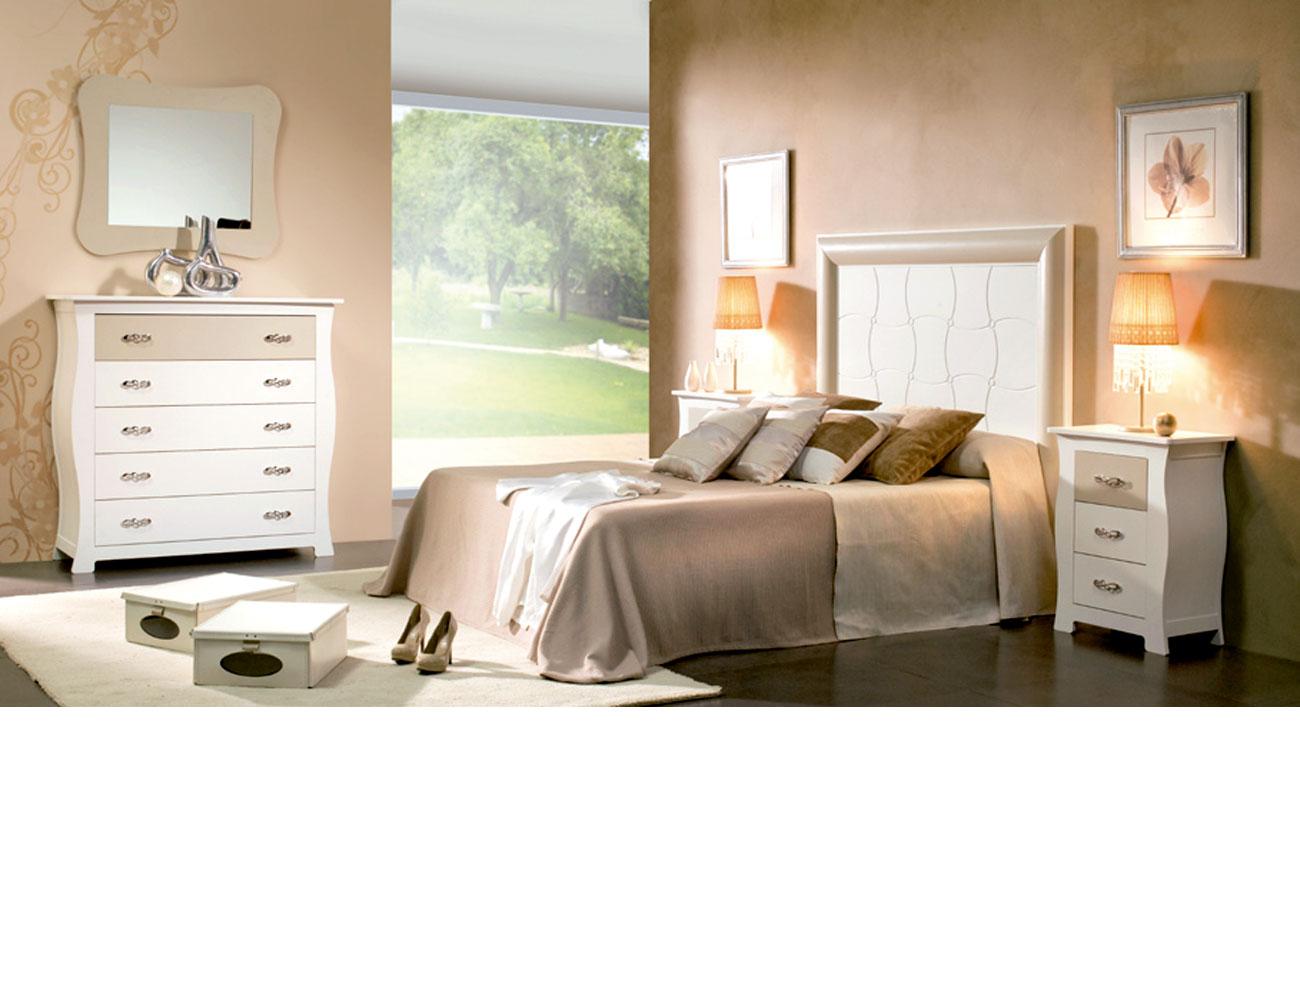 Dormitorio matrimonio cabecero grabado capitone comoda color 504 5063